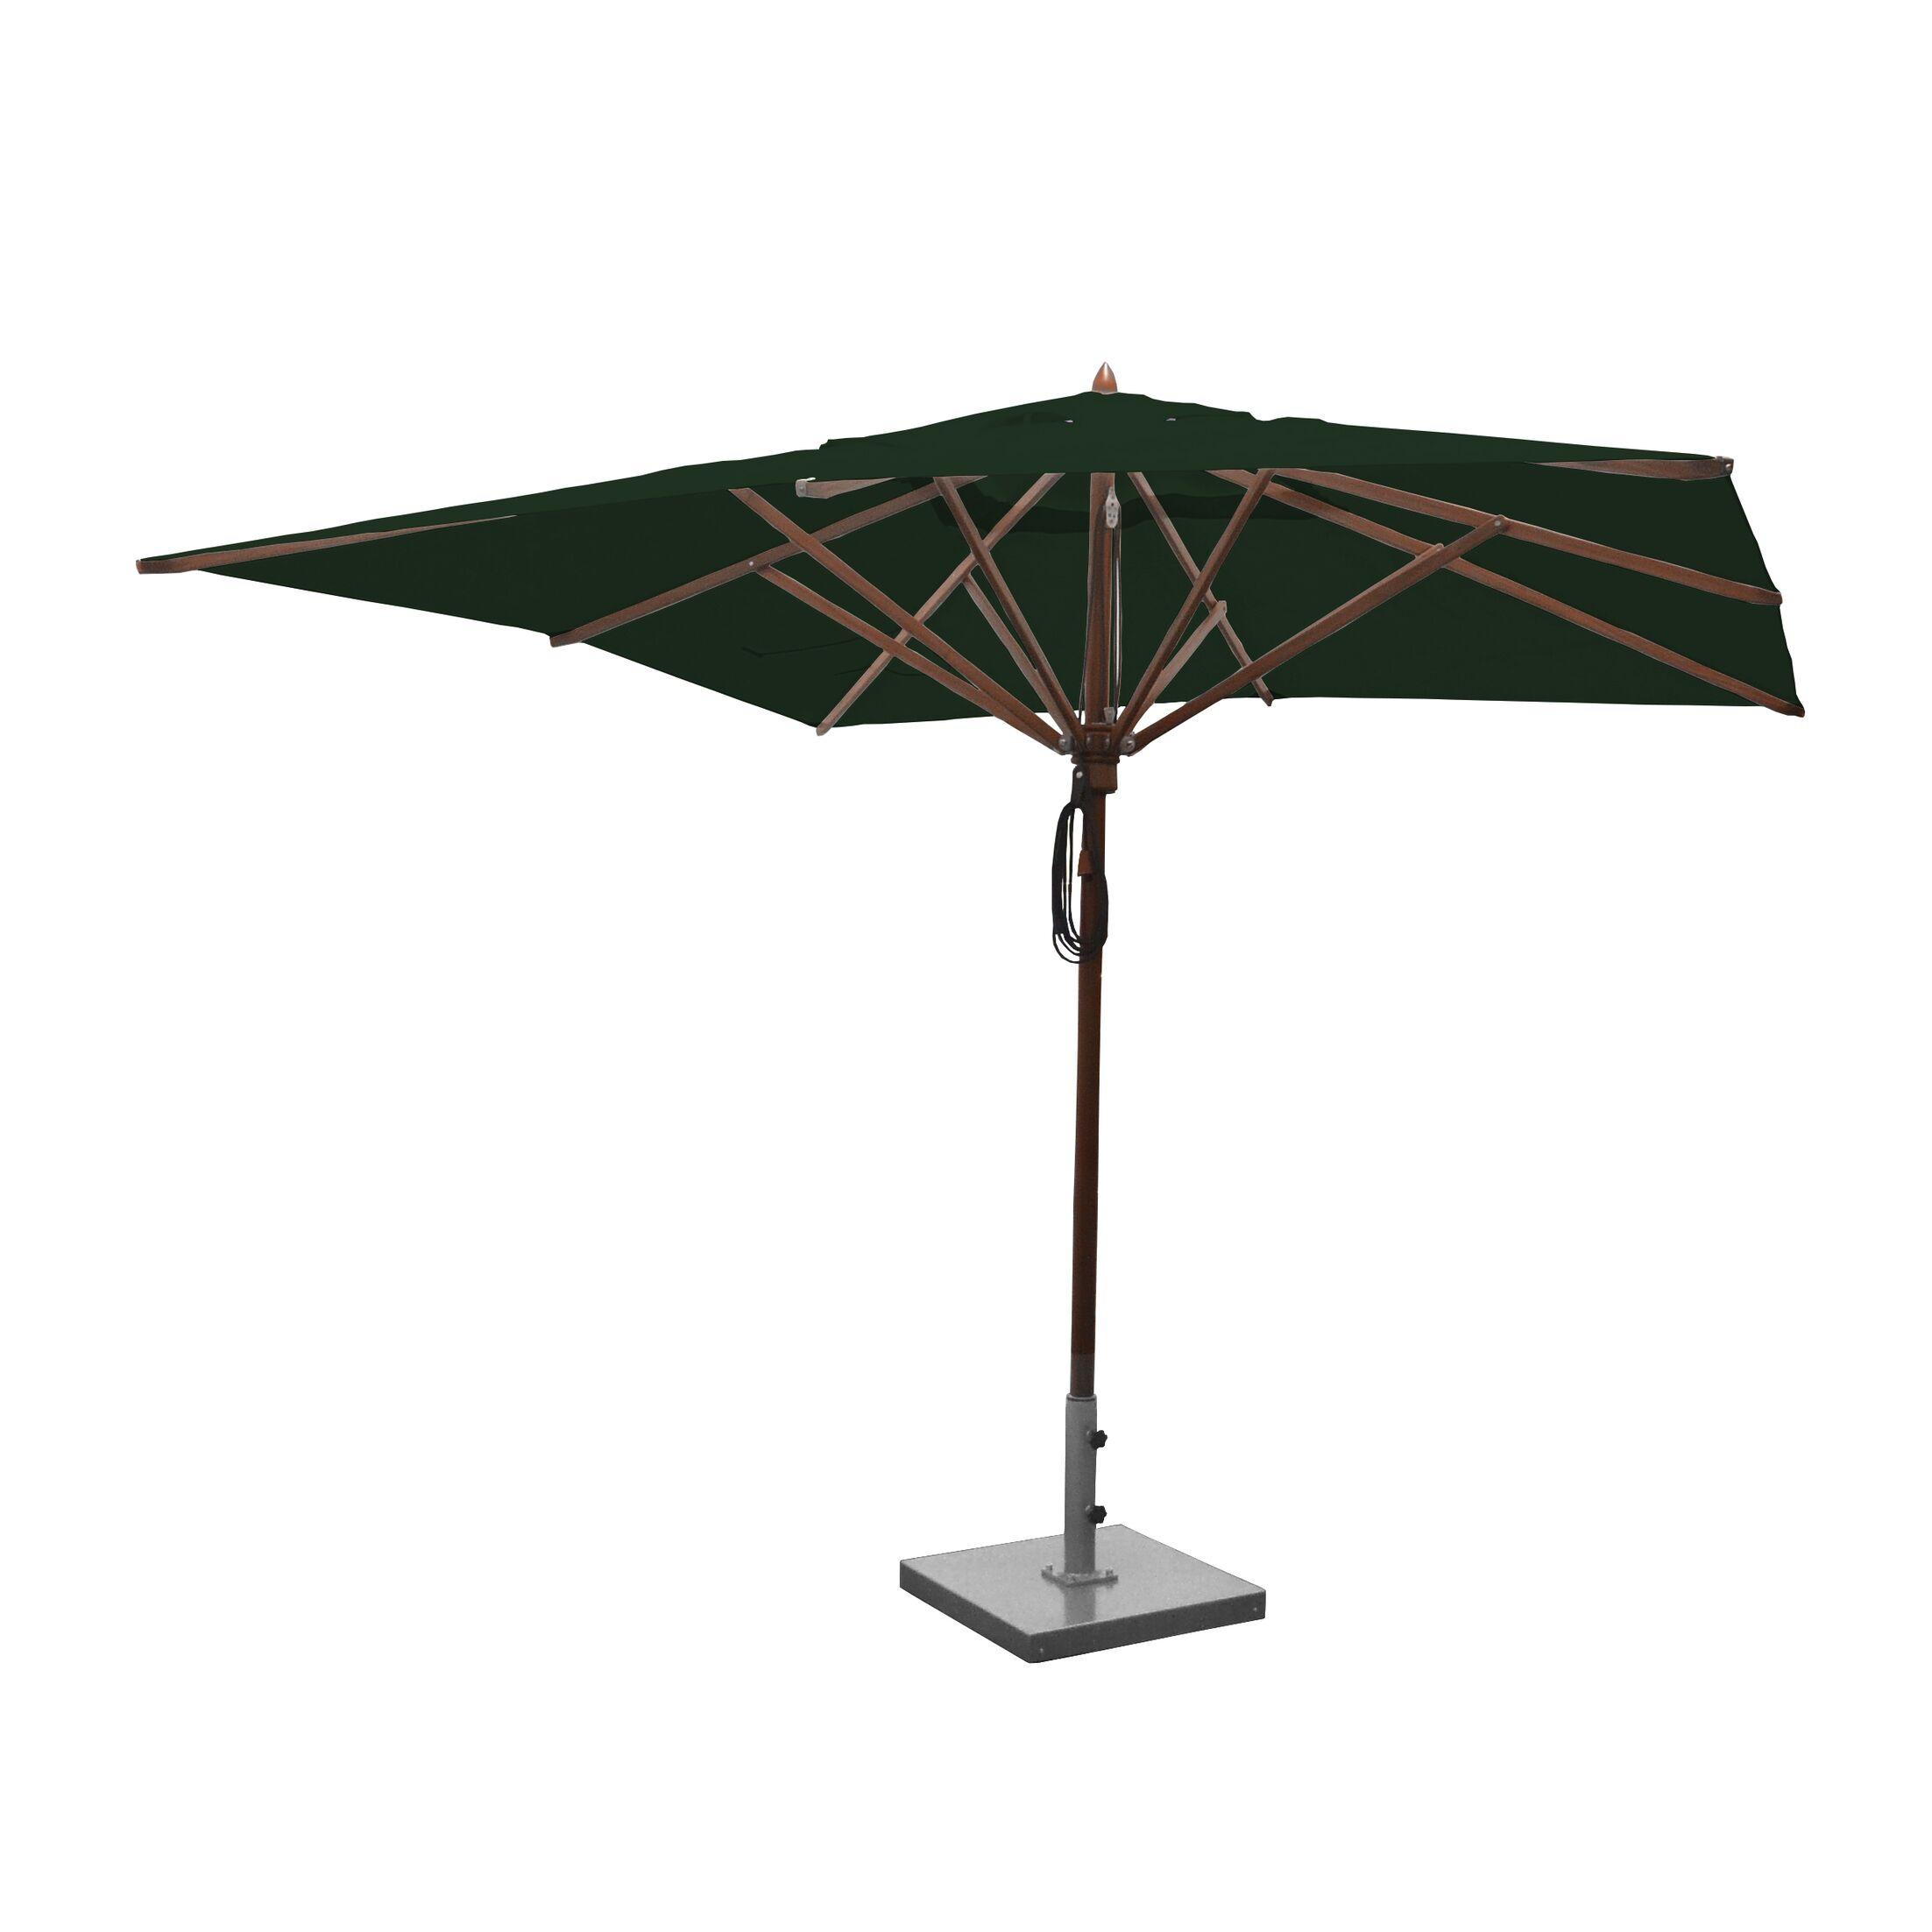 10' Square Market Umbrella Fabric: Forest Green